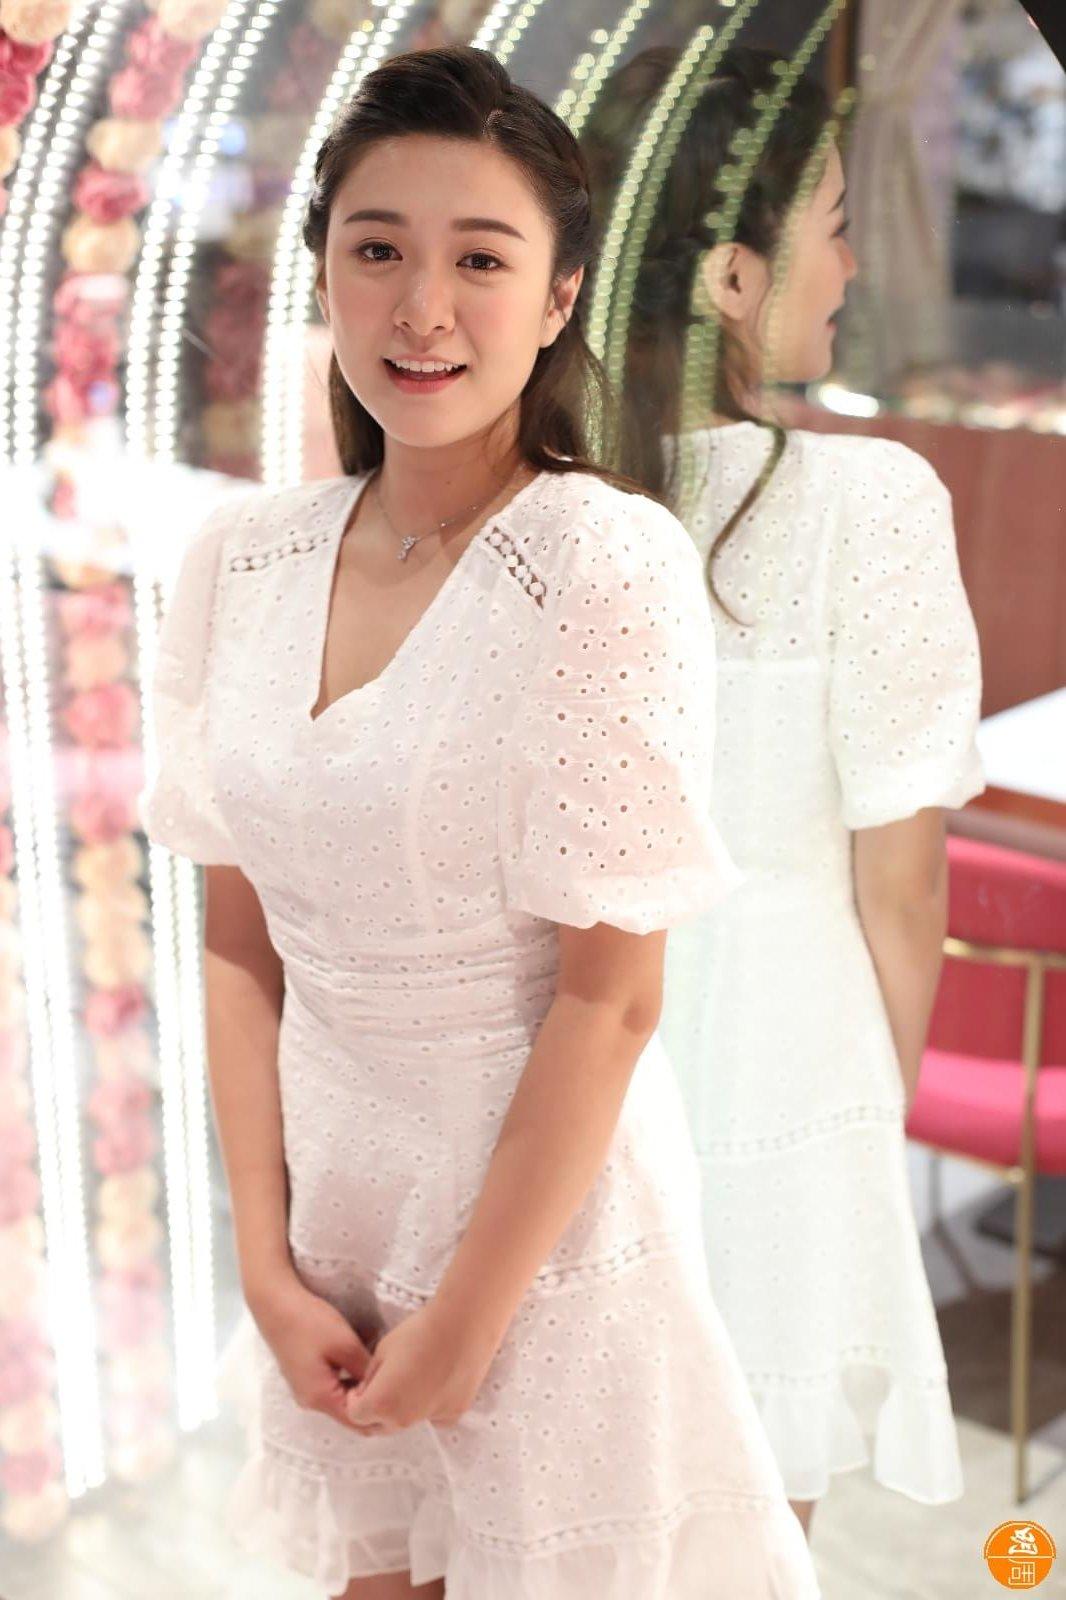 江嘉敏被媽咪勸減肥,令她決定做運動及控制飲食,漸見成效。